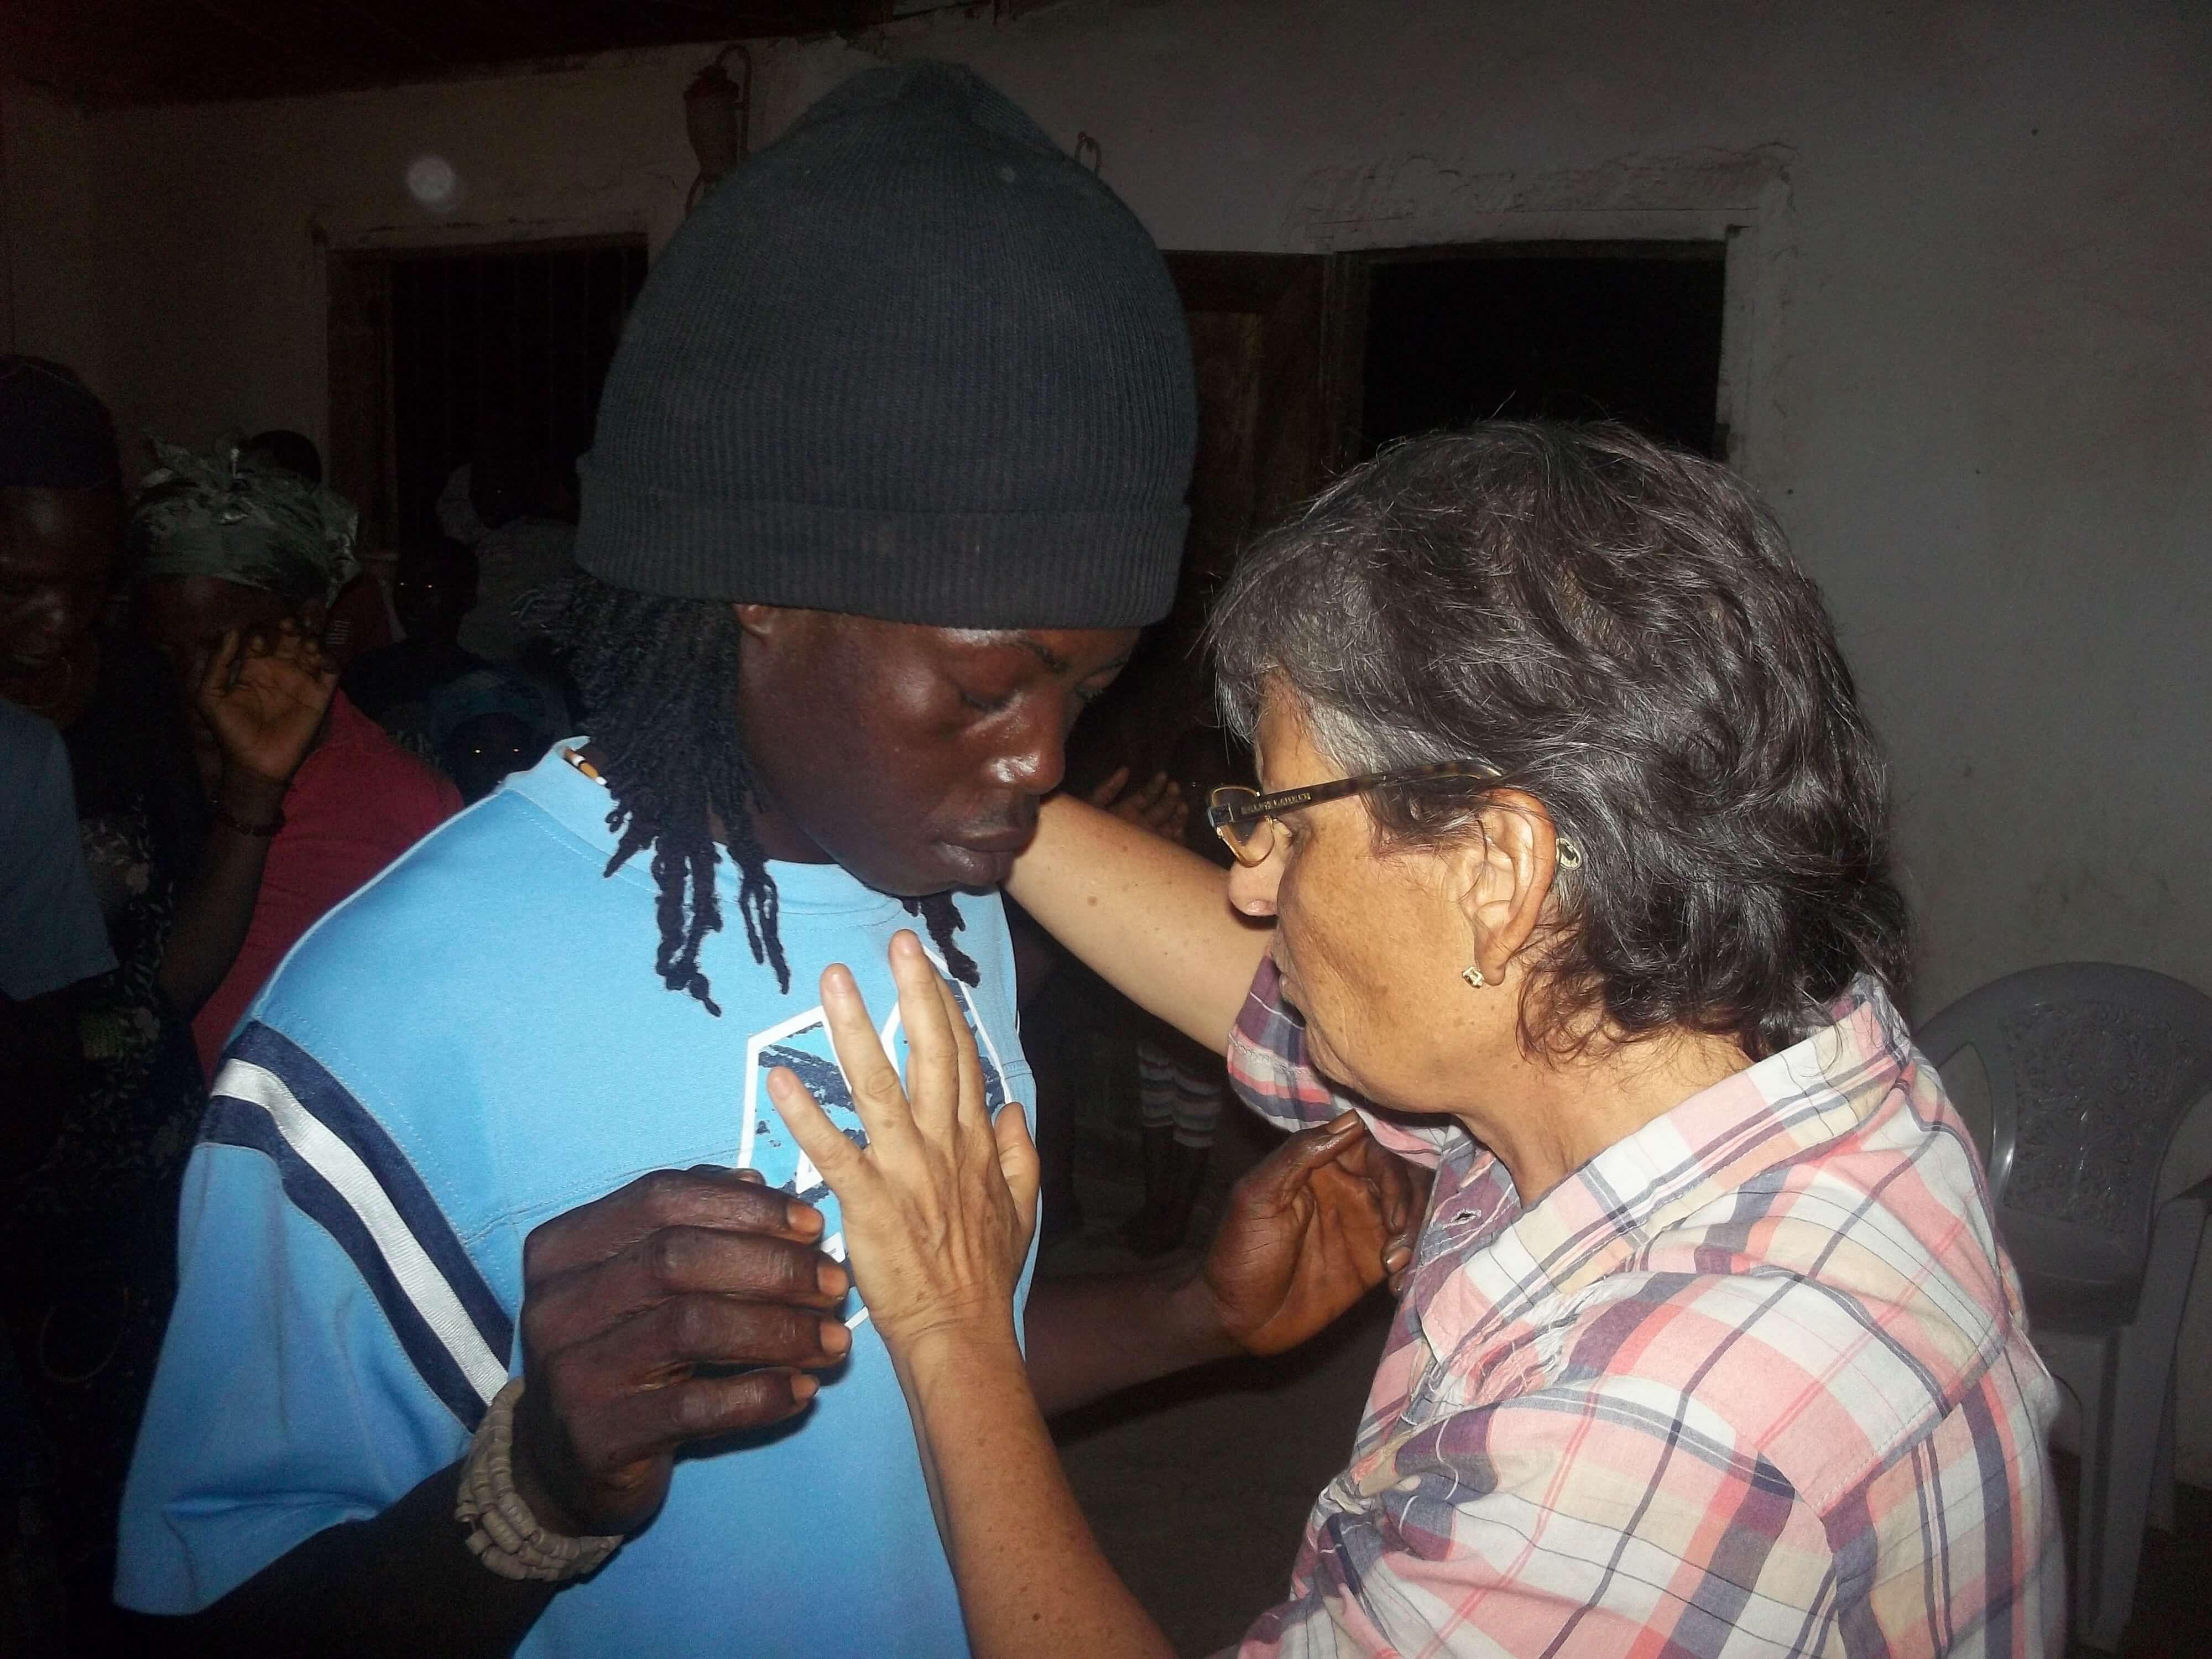 Un rasta man rencontré quelques heures avant la réunion demande la prière.